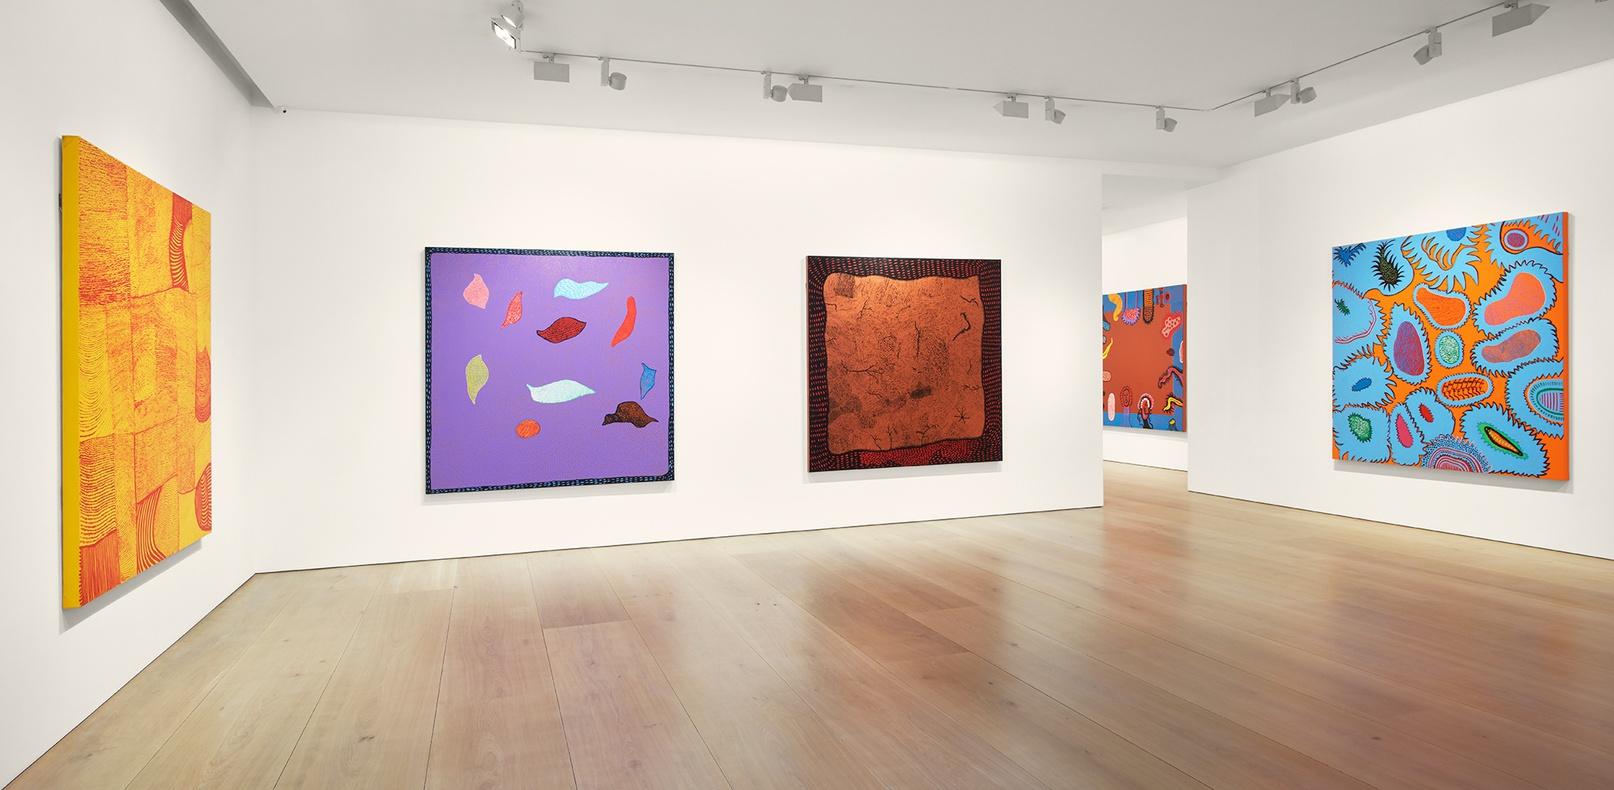 Yayoi Kusama My Eternal Soul Paintings Exhibitions